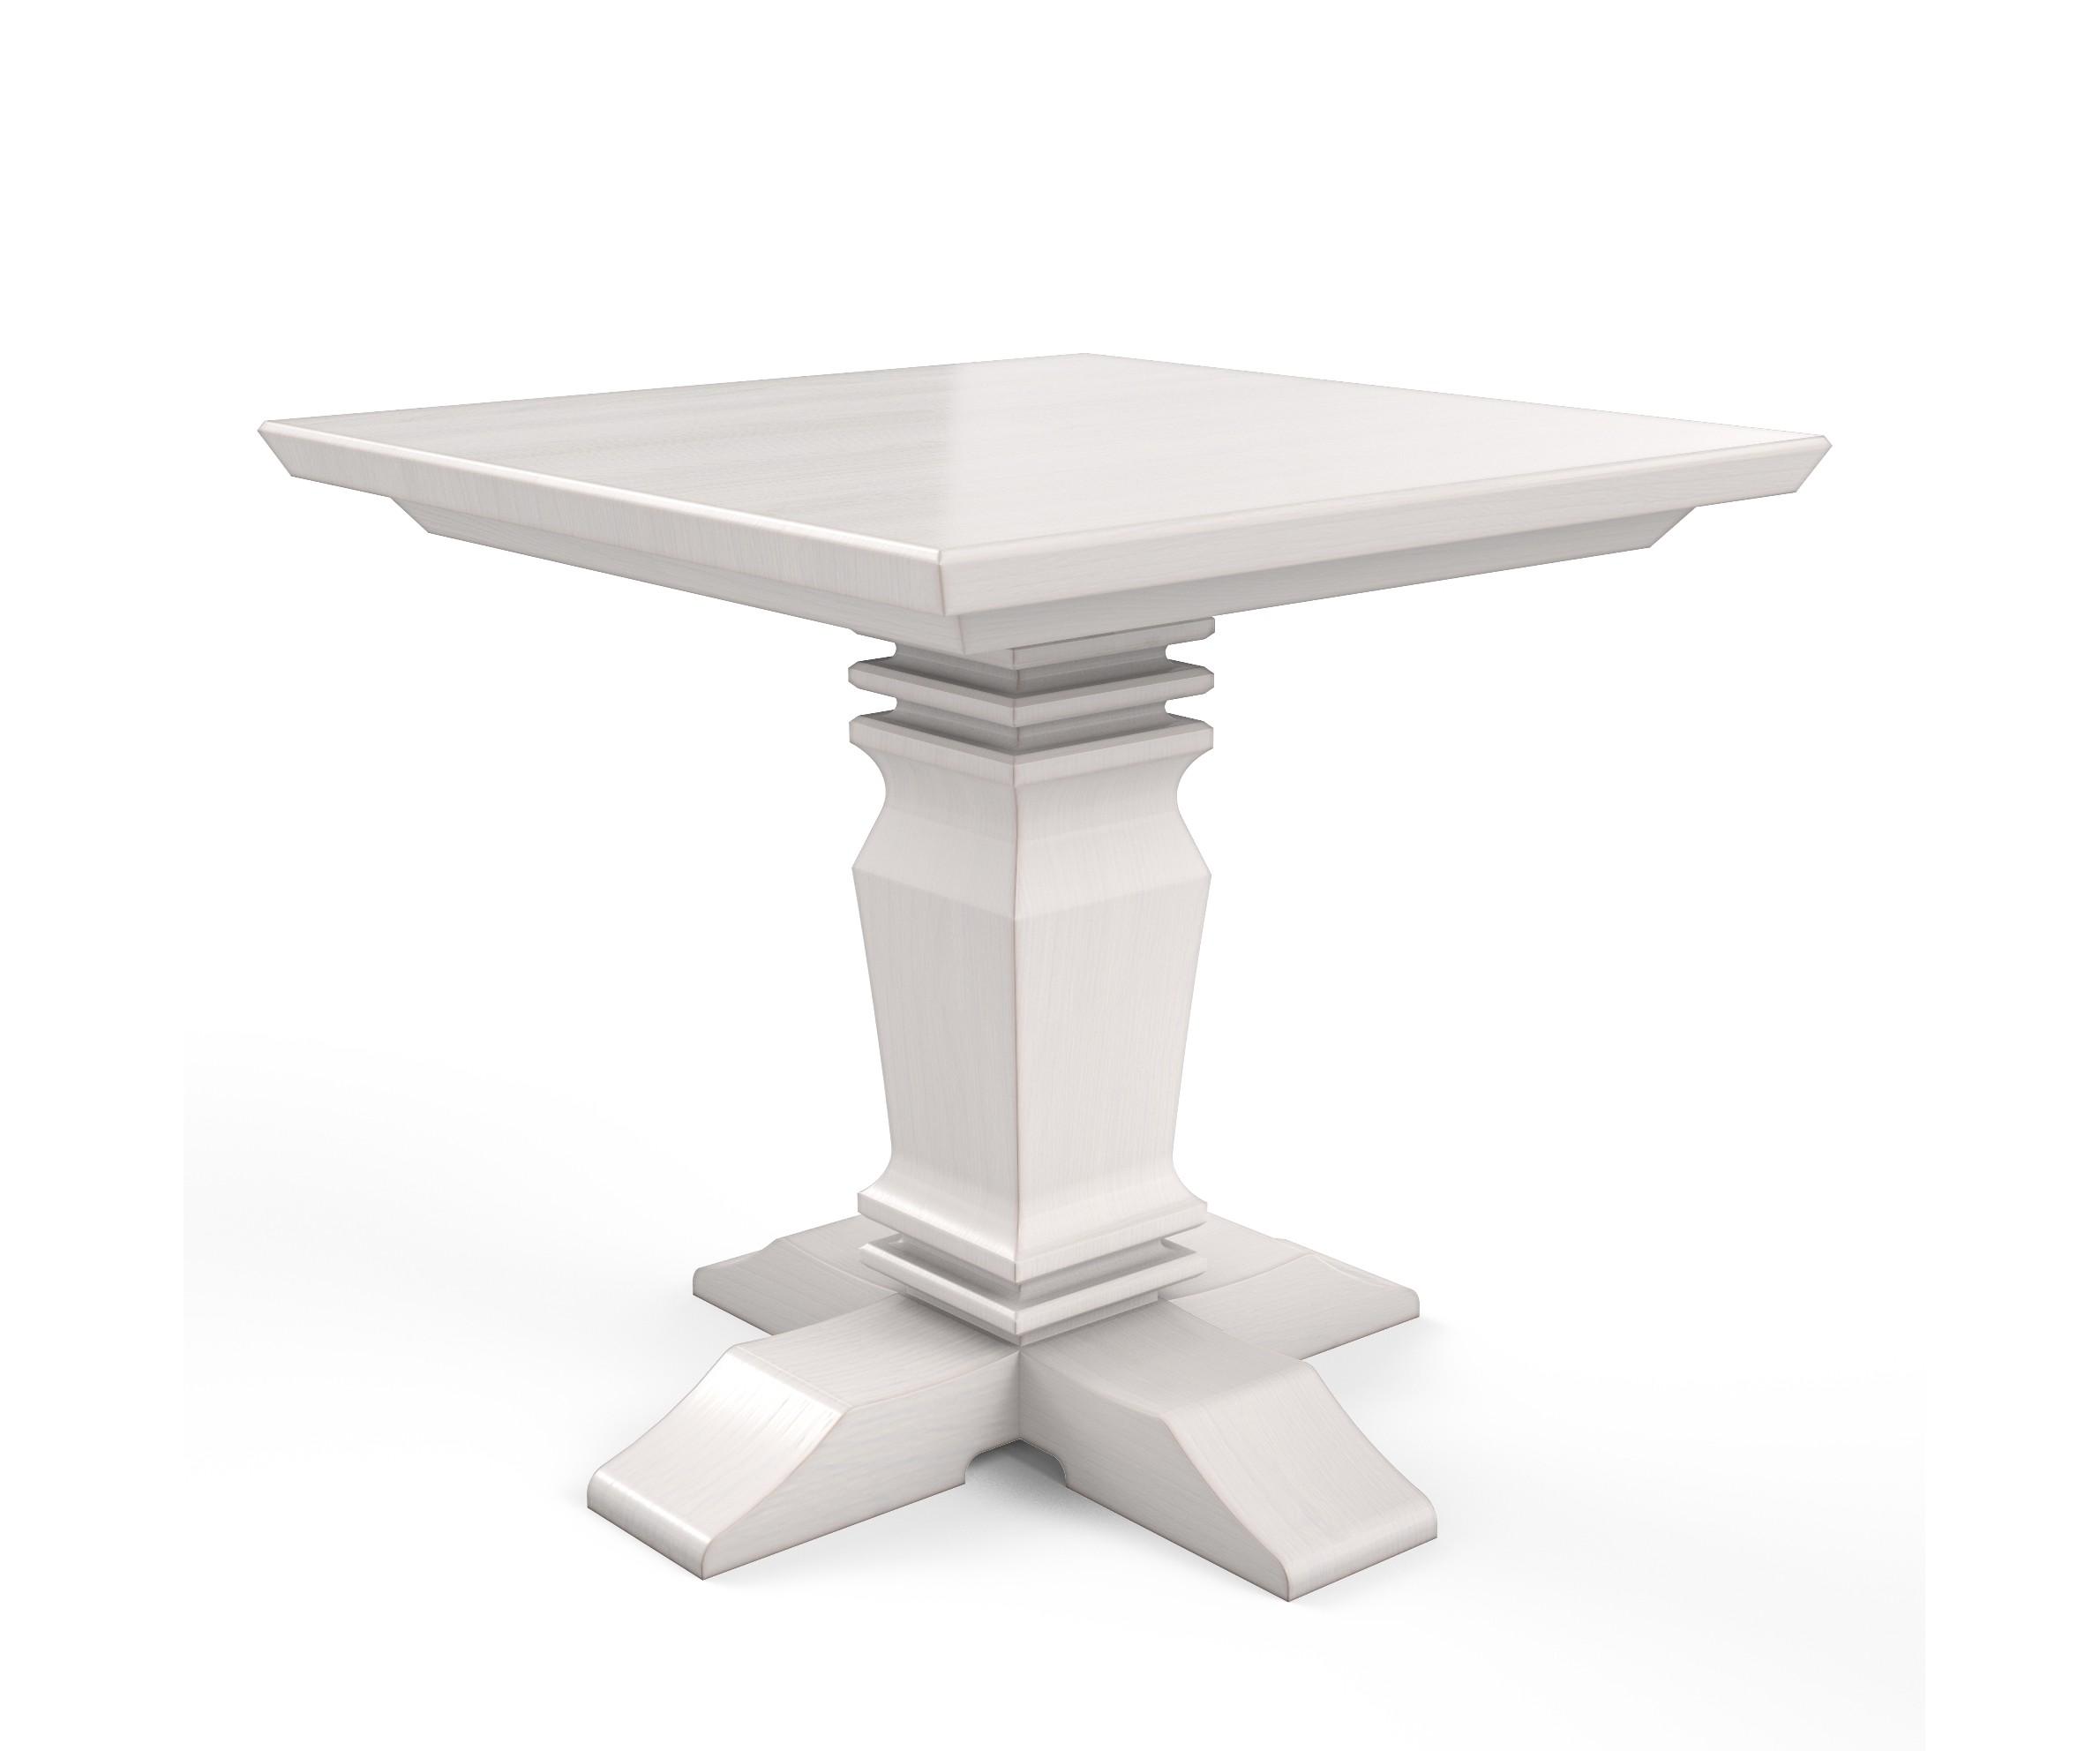 Стол БахчисарайСтолы и столики для сада<br>Изделие из натуральной древесины.<br><br>Material: Дерево<br>Width см: 80<br>Depth см: 80<br>Height см: 77